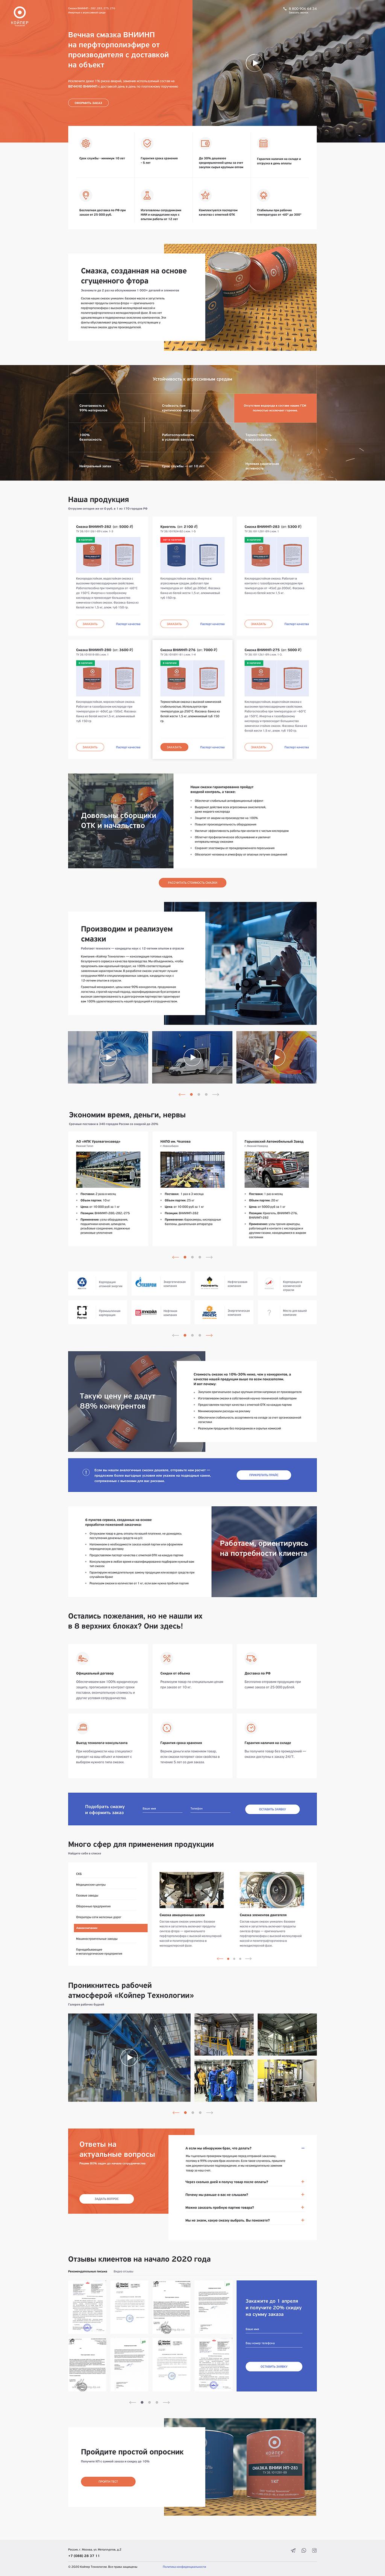 ООО «Койпер технологии» - смазка на перфторполиэфире. Landing Page